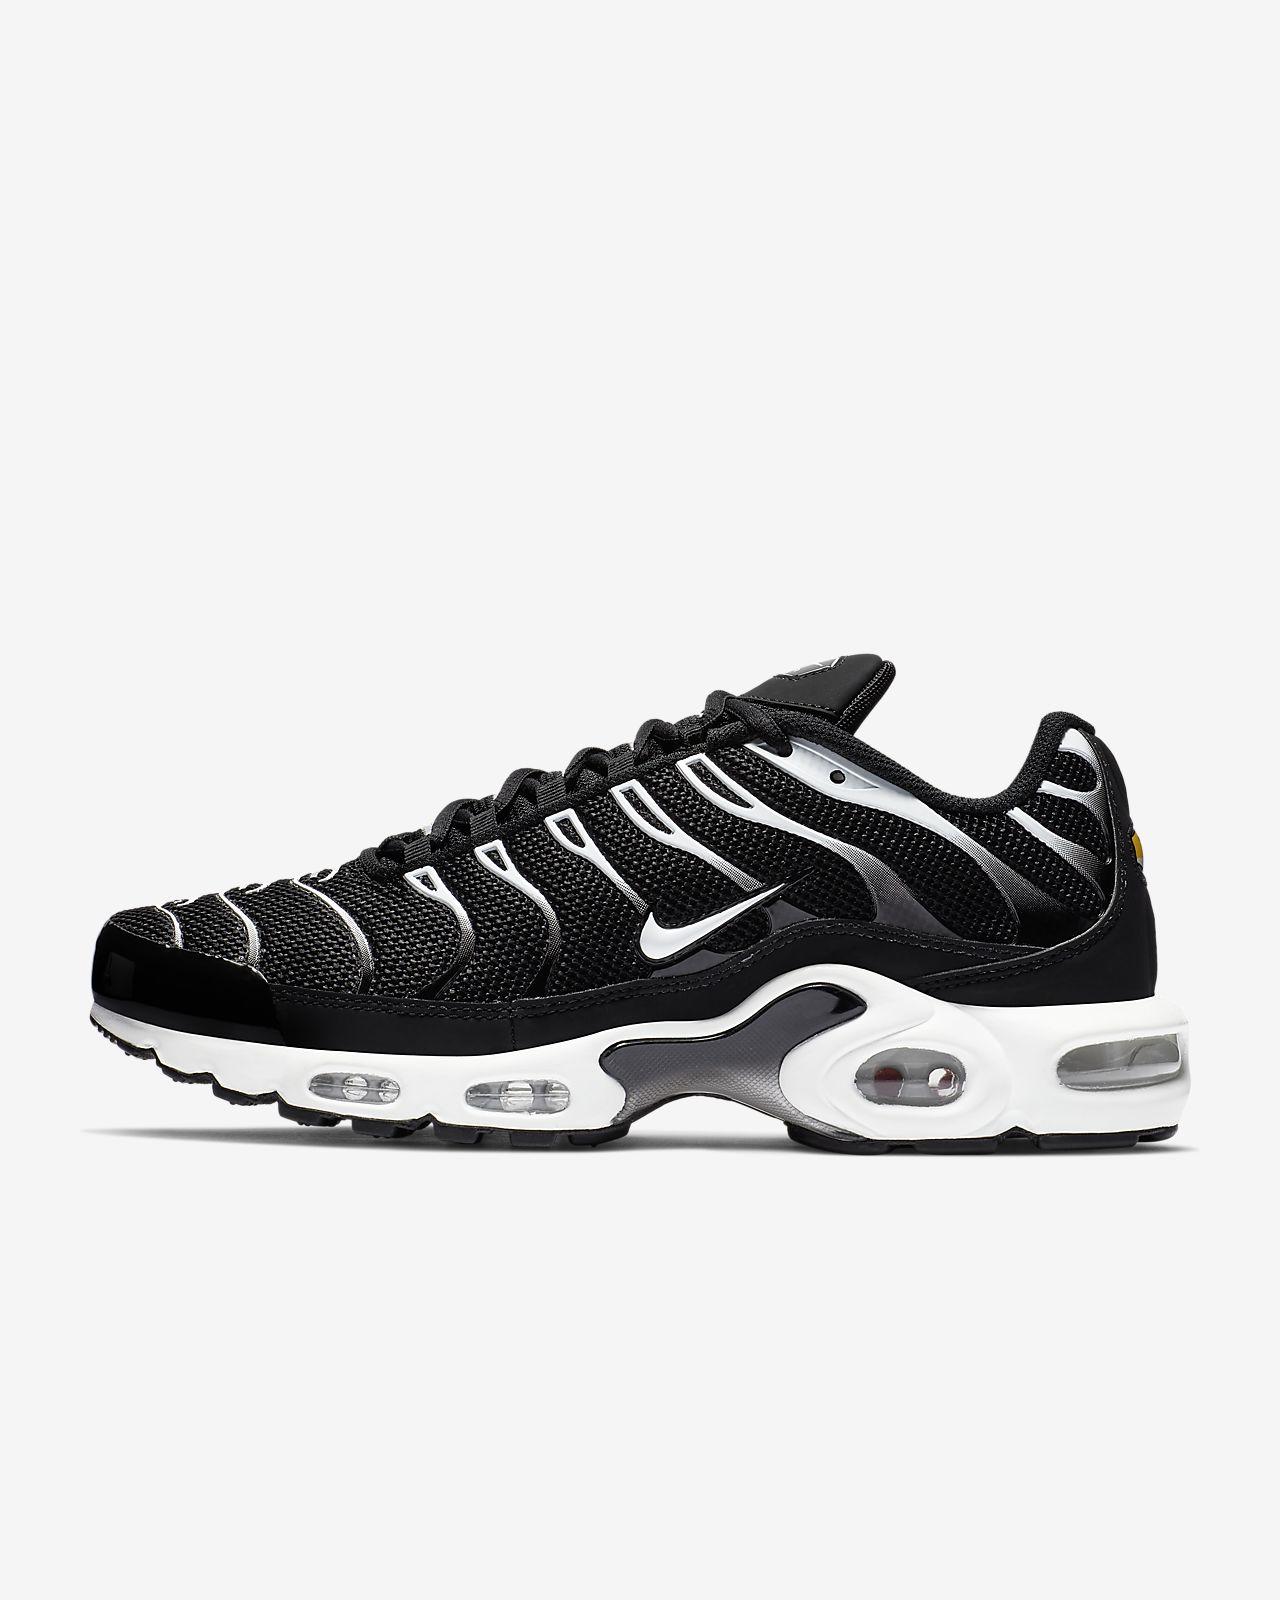 sale retailer c9f78 67eb1 Nike Air Max Plus Men's Shoe